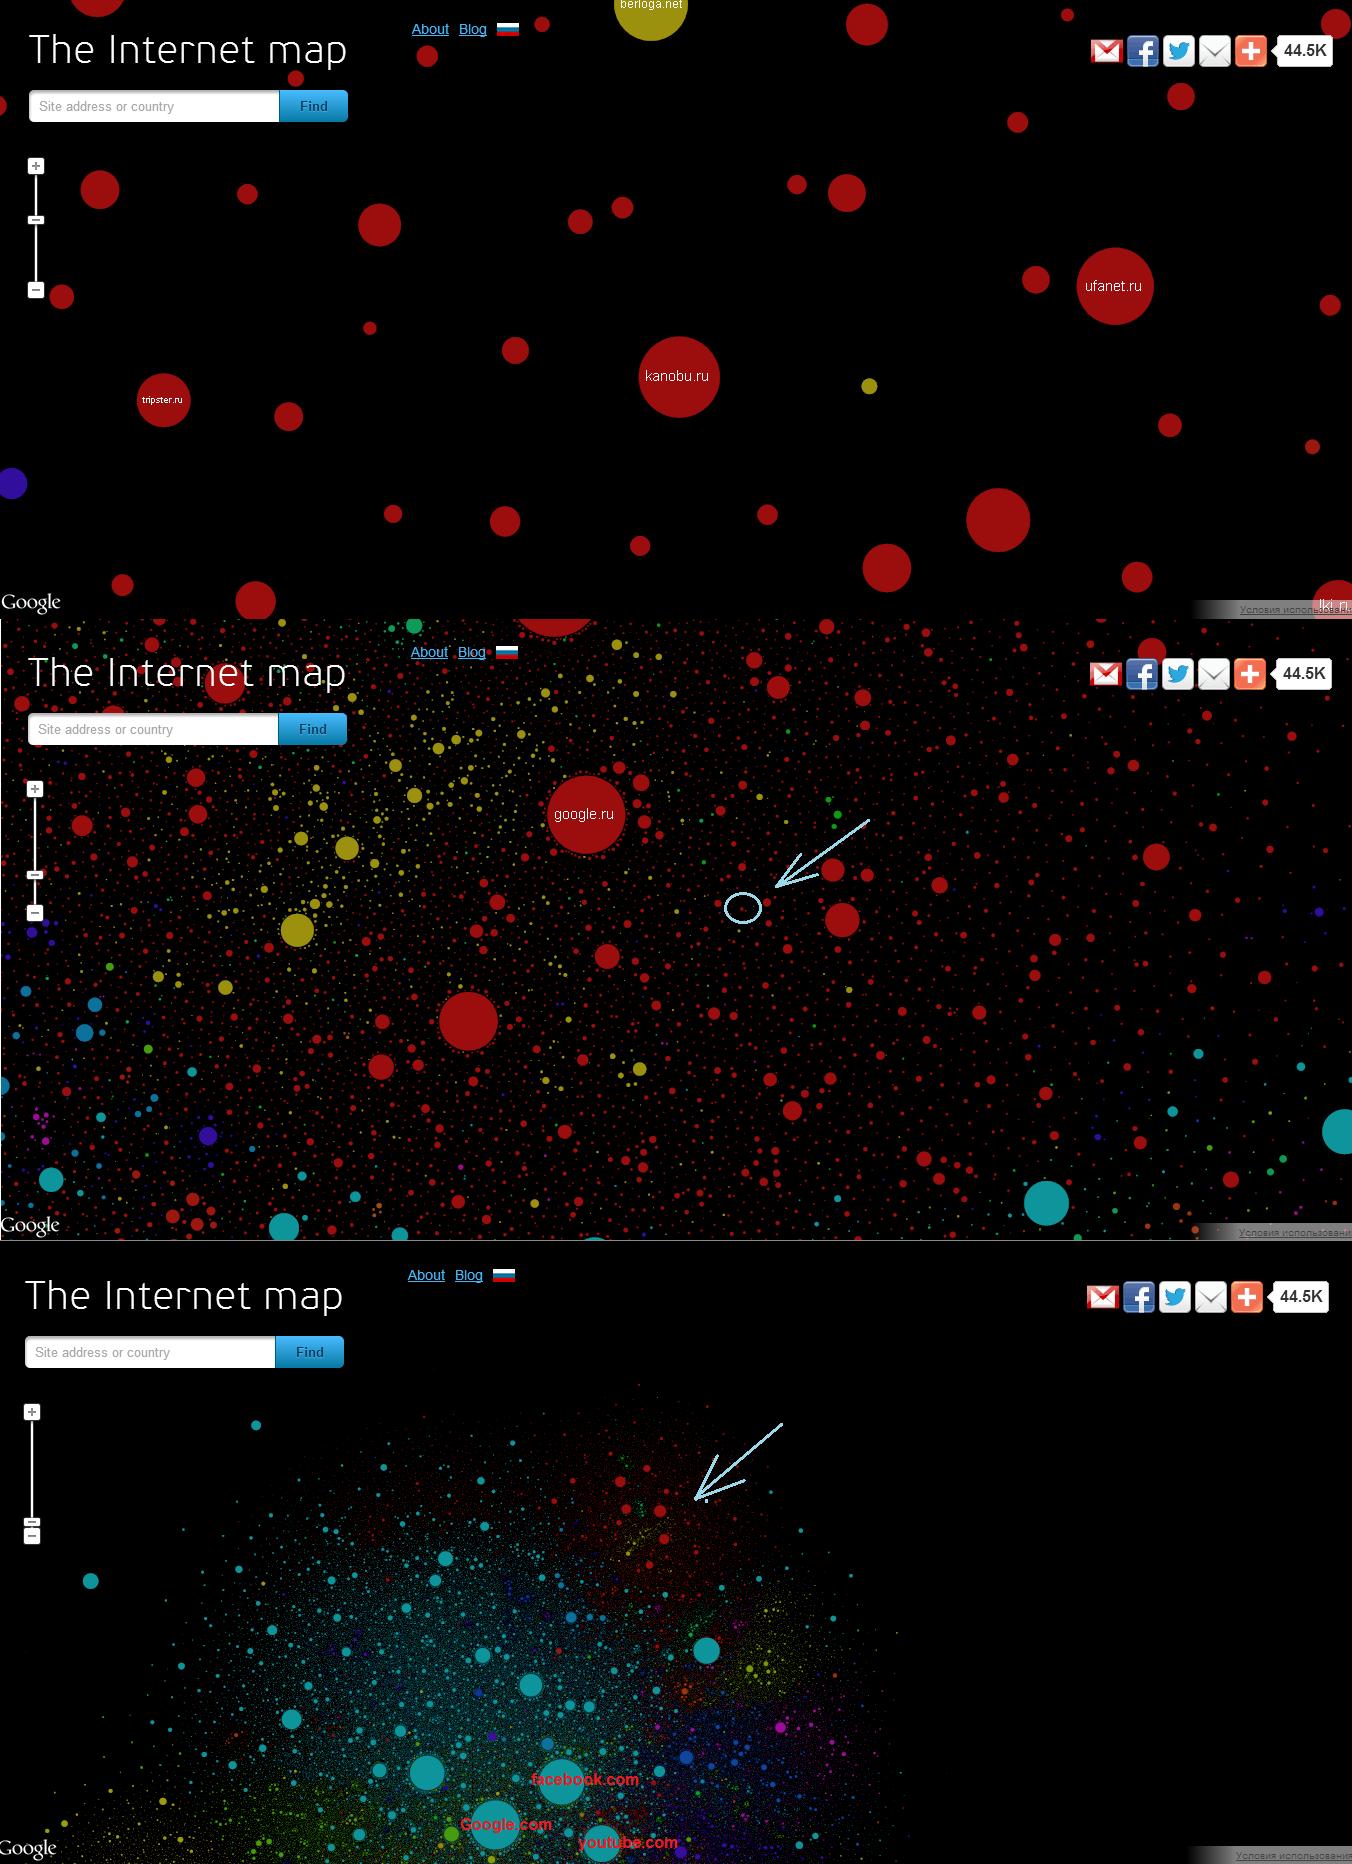 Расположение сайта kanobu.ru на мировой карте интернета =3 - Изображение 1